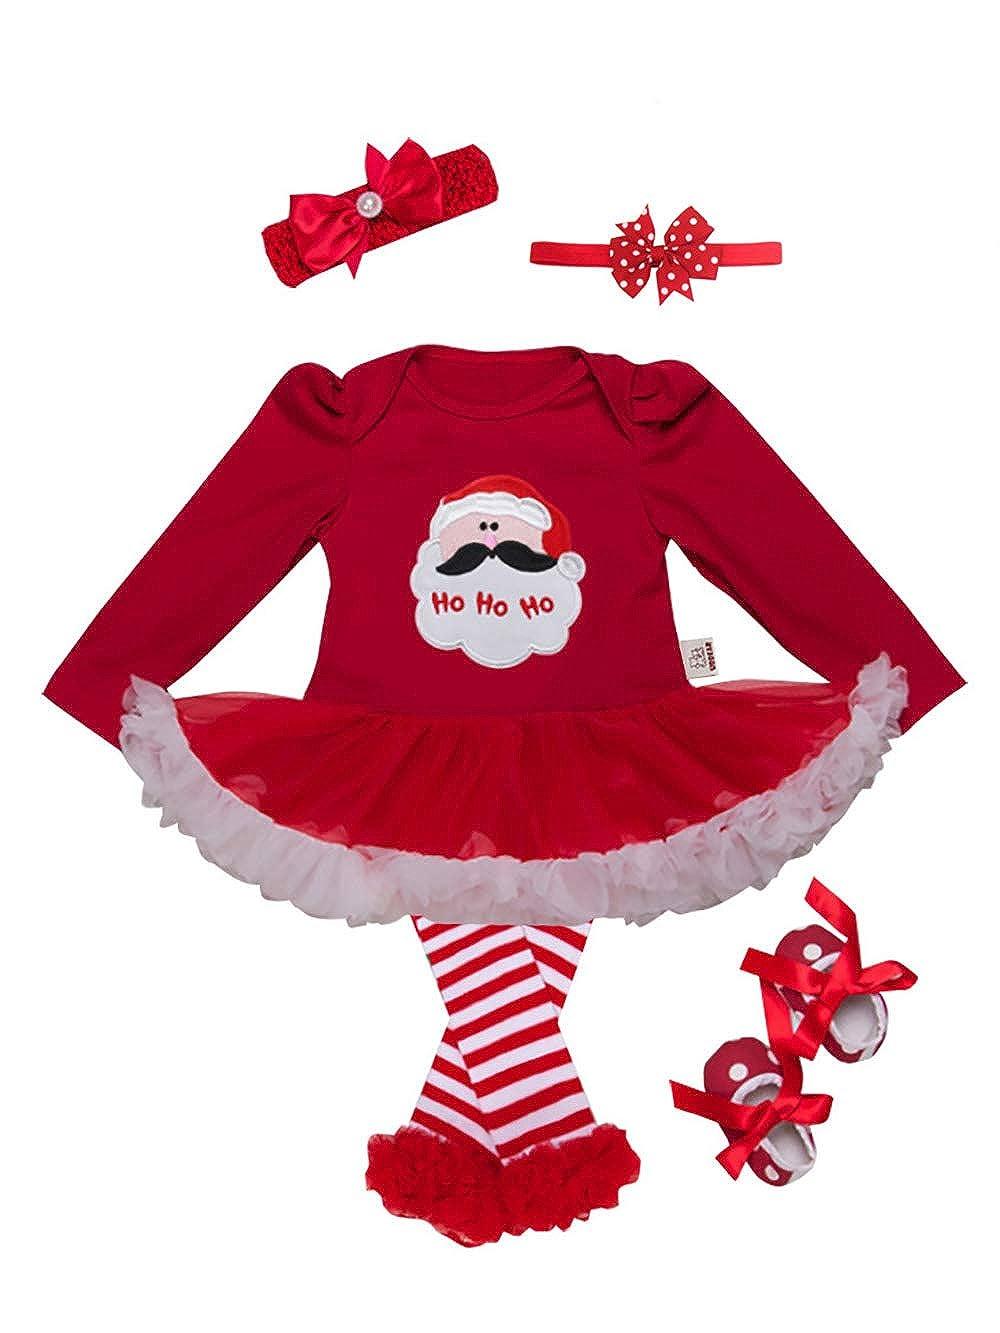 URBEAR Baby Mädchen Weihnachten Strampler Tütü Kleid Outfits 5 er Pack E80902SDR4